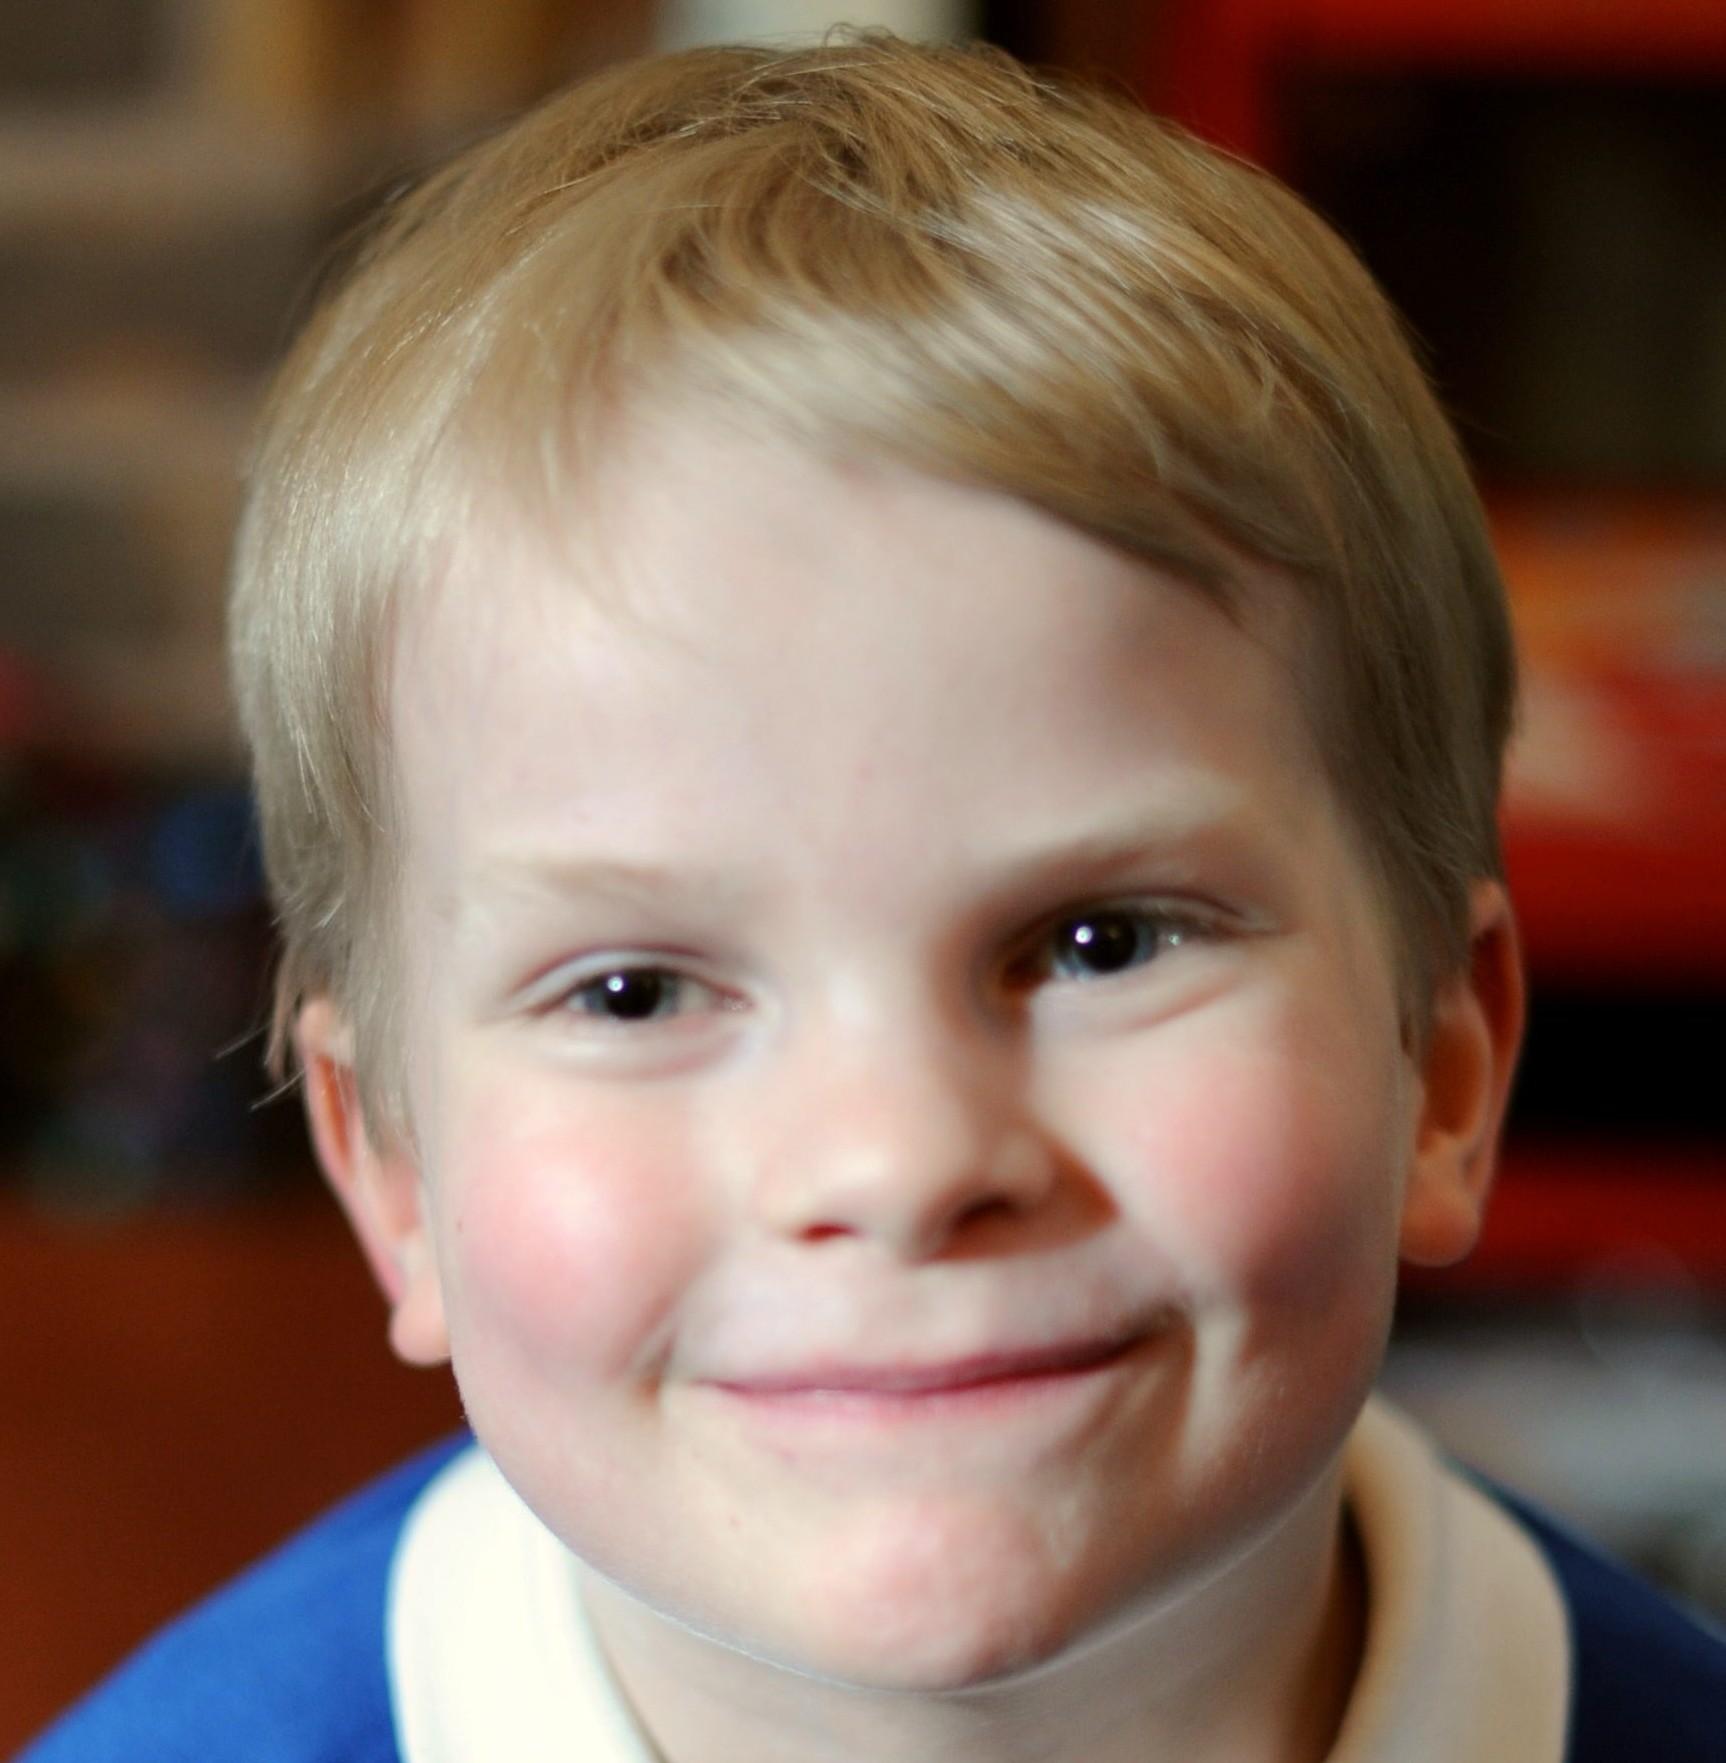 Jack Lavers-Mason, who is allergic to sunshine